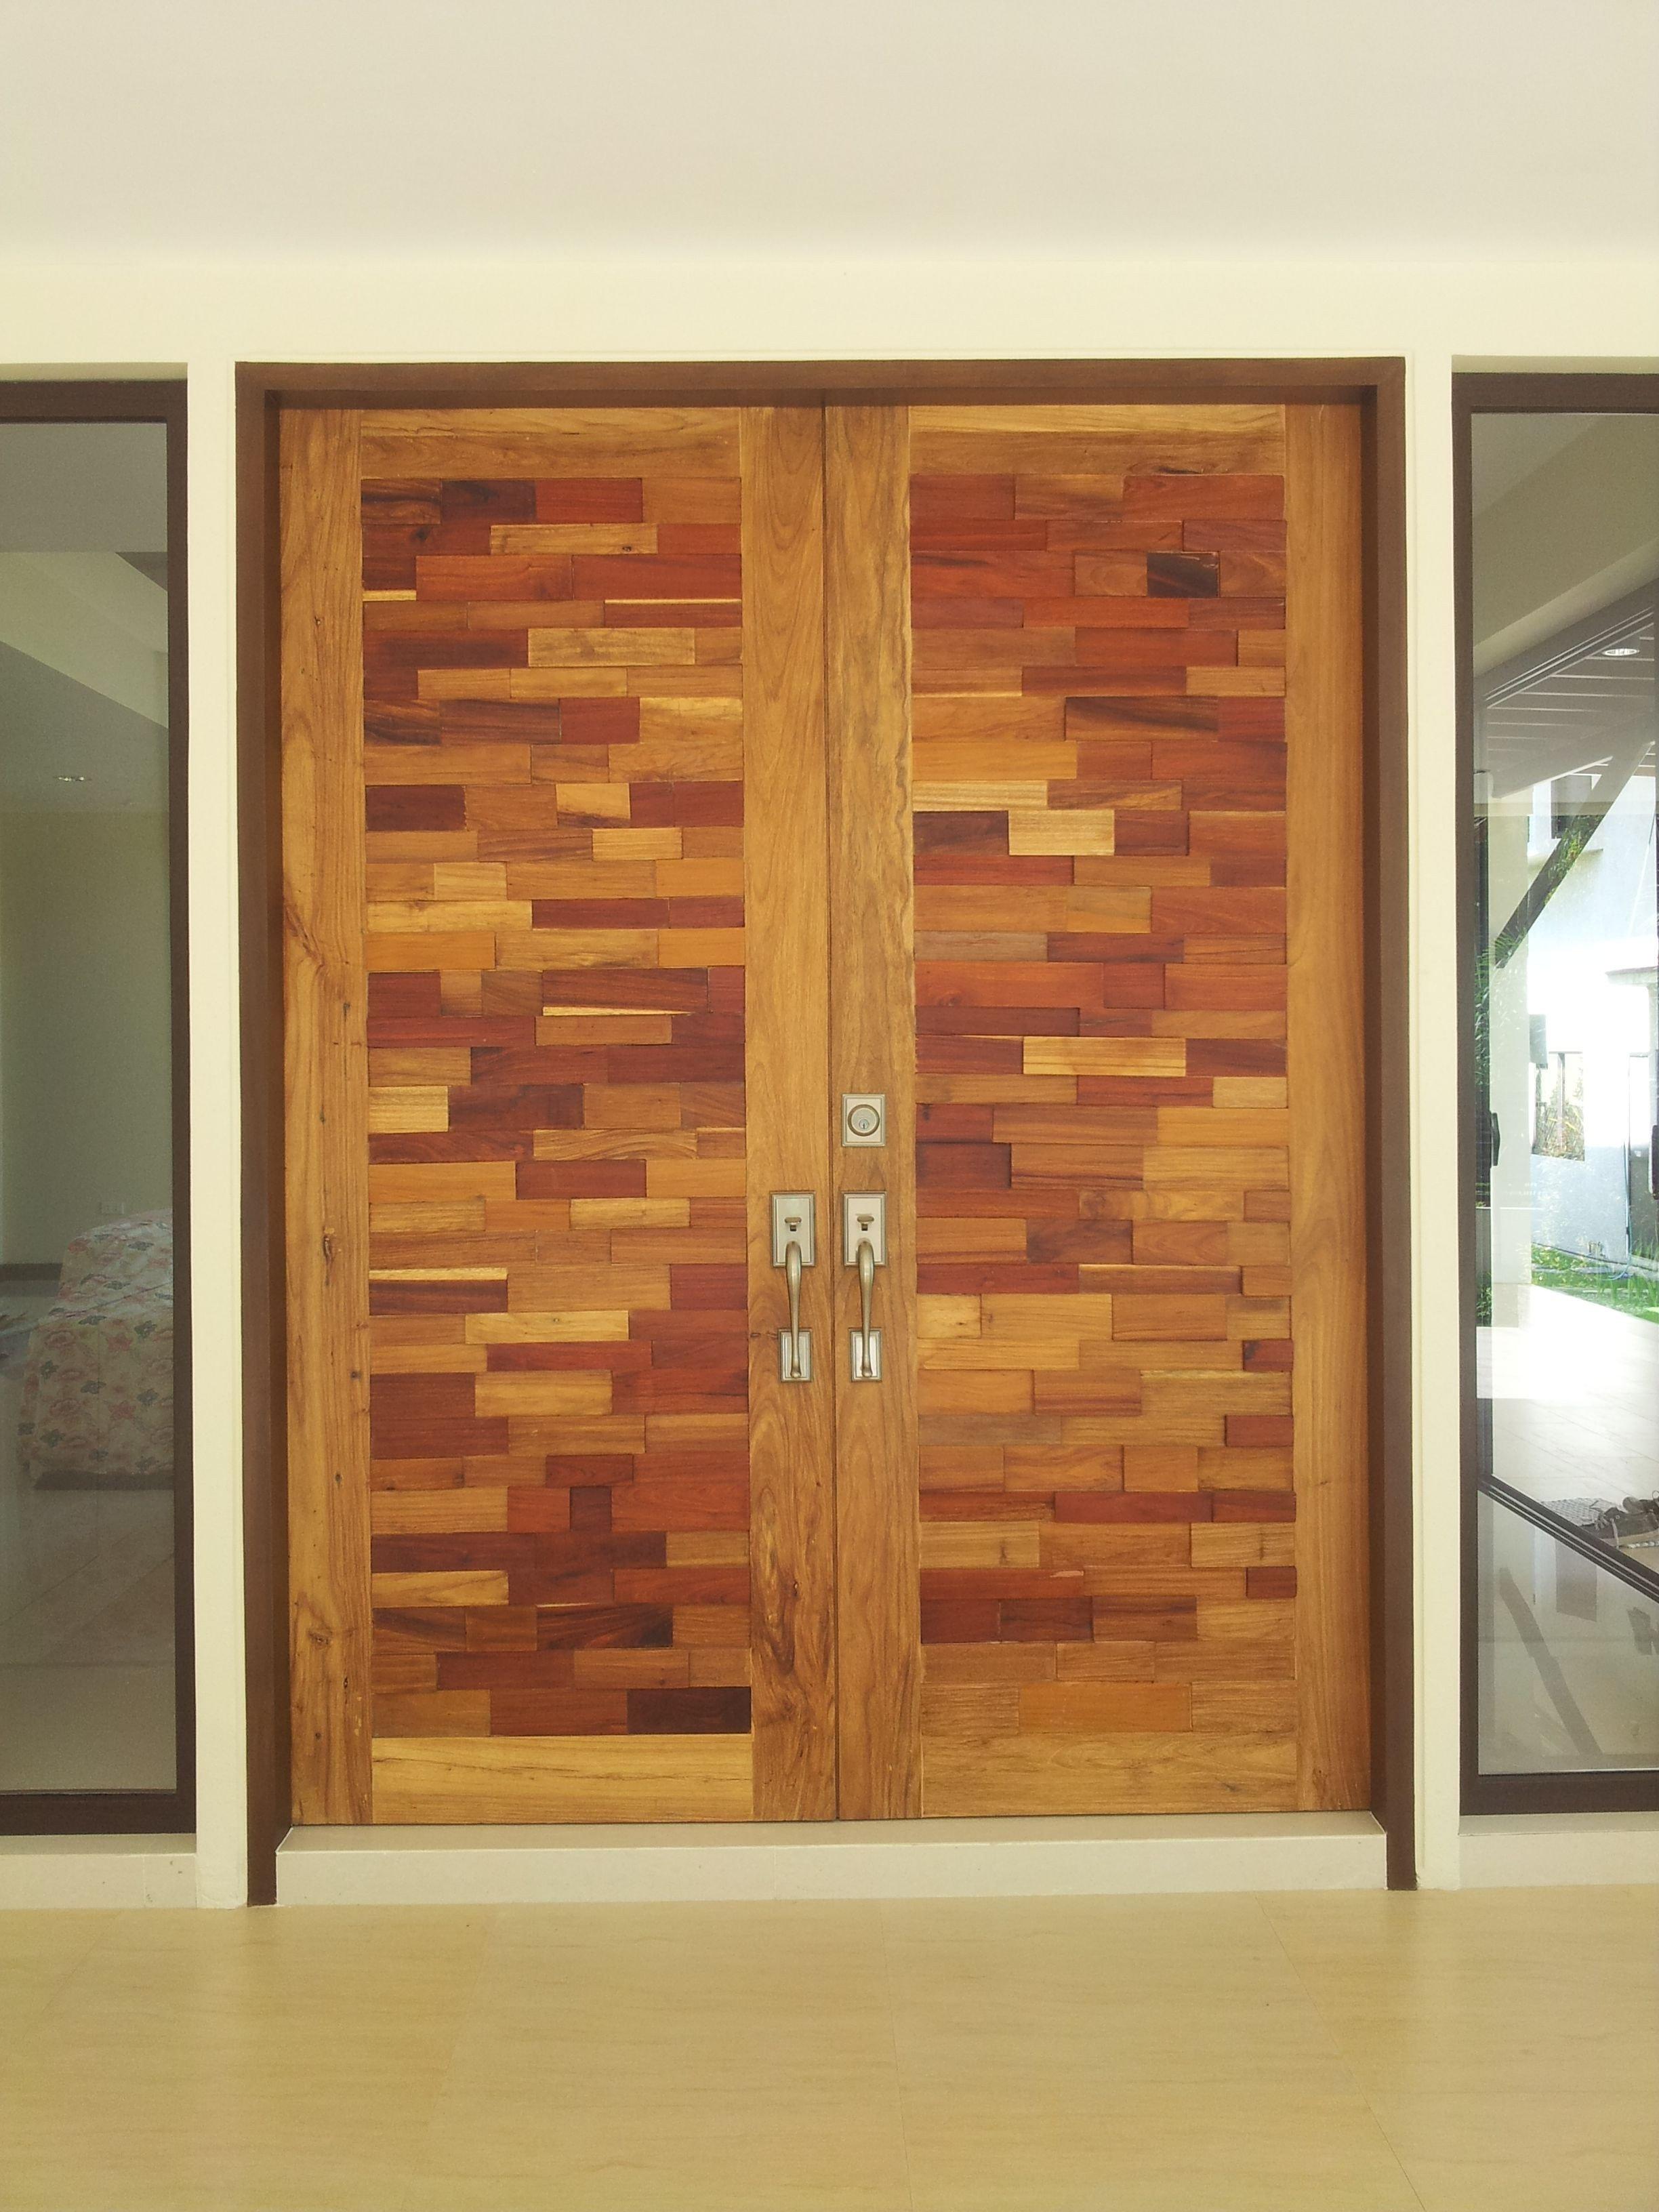 Solid Wood Bedroom Doors Elegant Main Door Variety Of Wooden Blocks solid Wood Panel Door